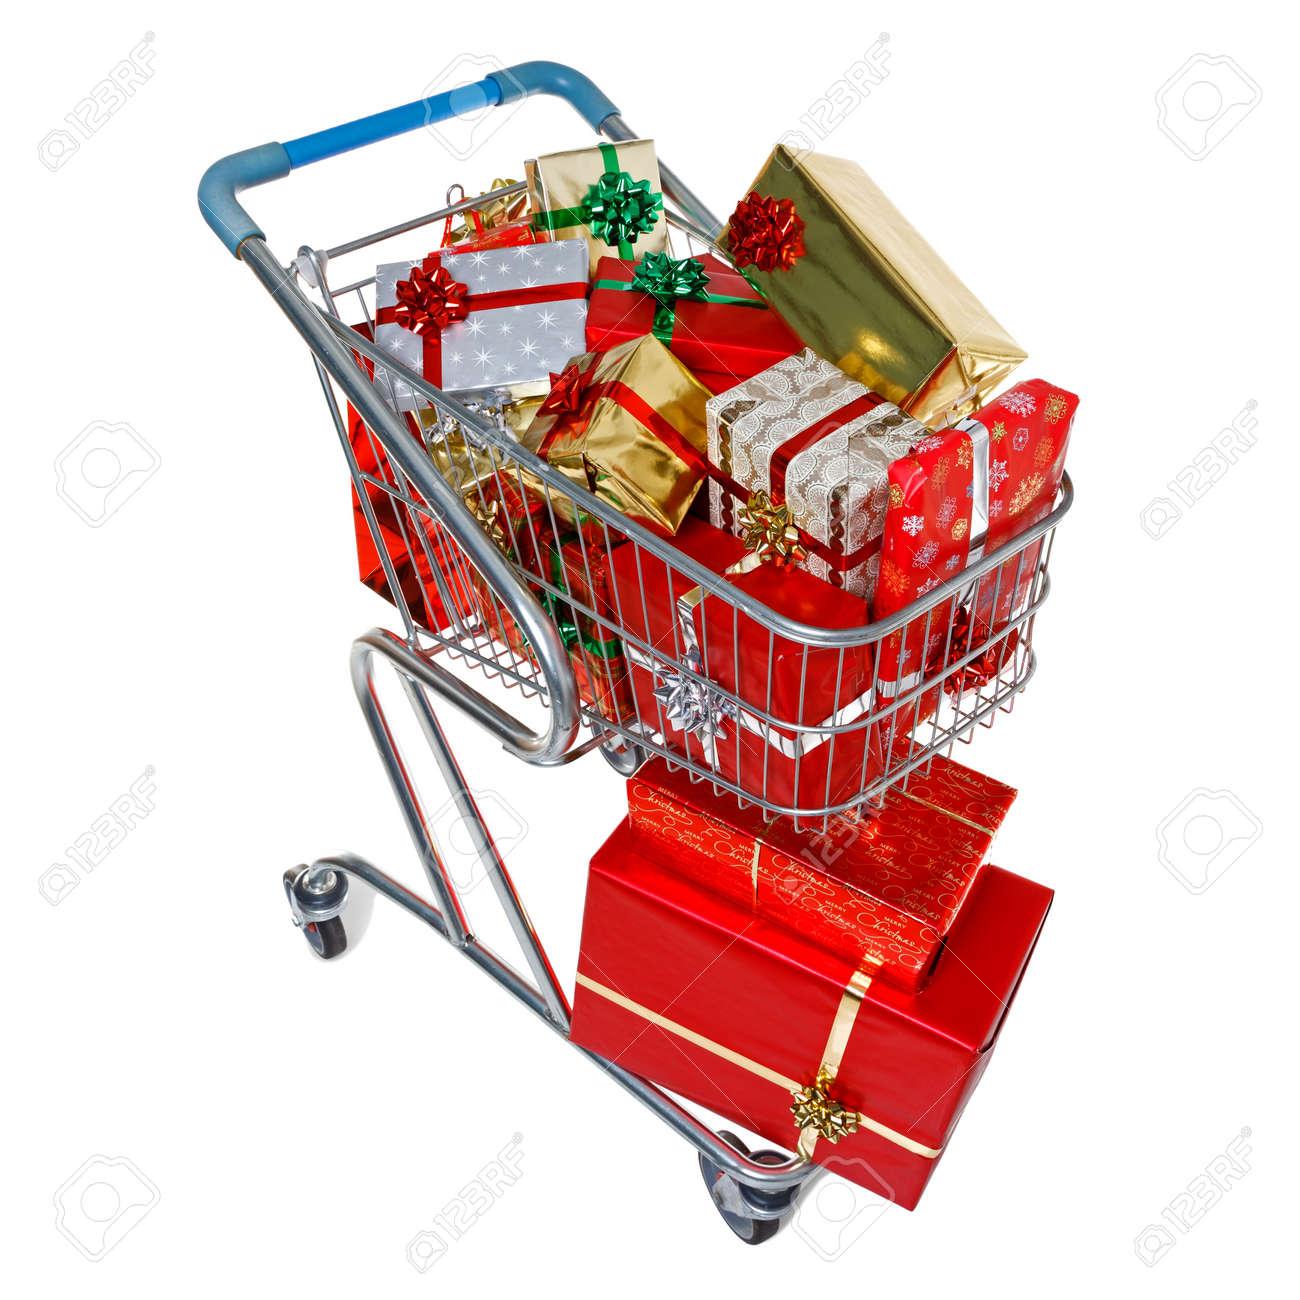 Ein Einkaufswagen Voller Geschenk Verpackt Weihnachtsgeschenke, Auf ...